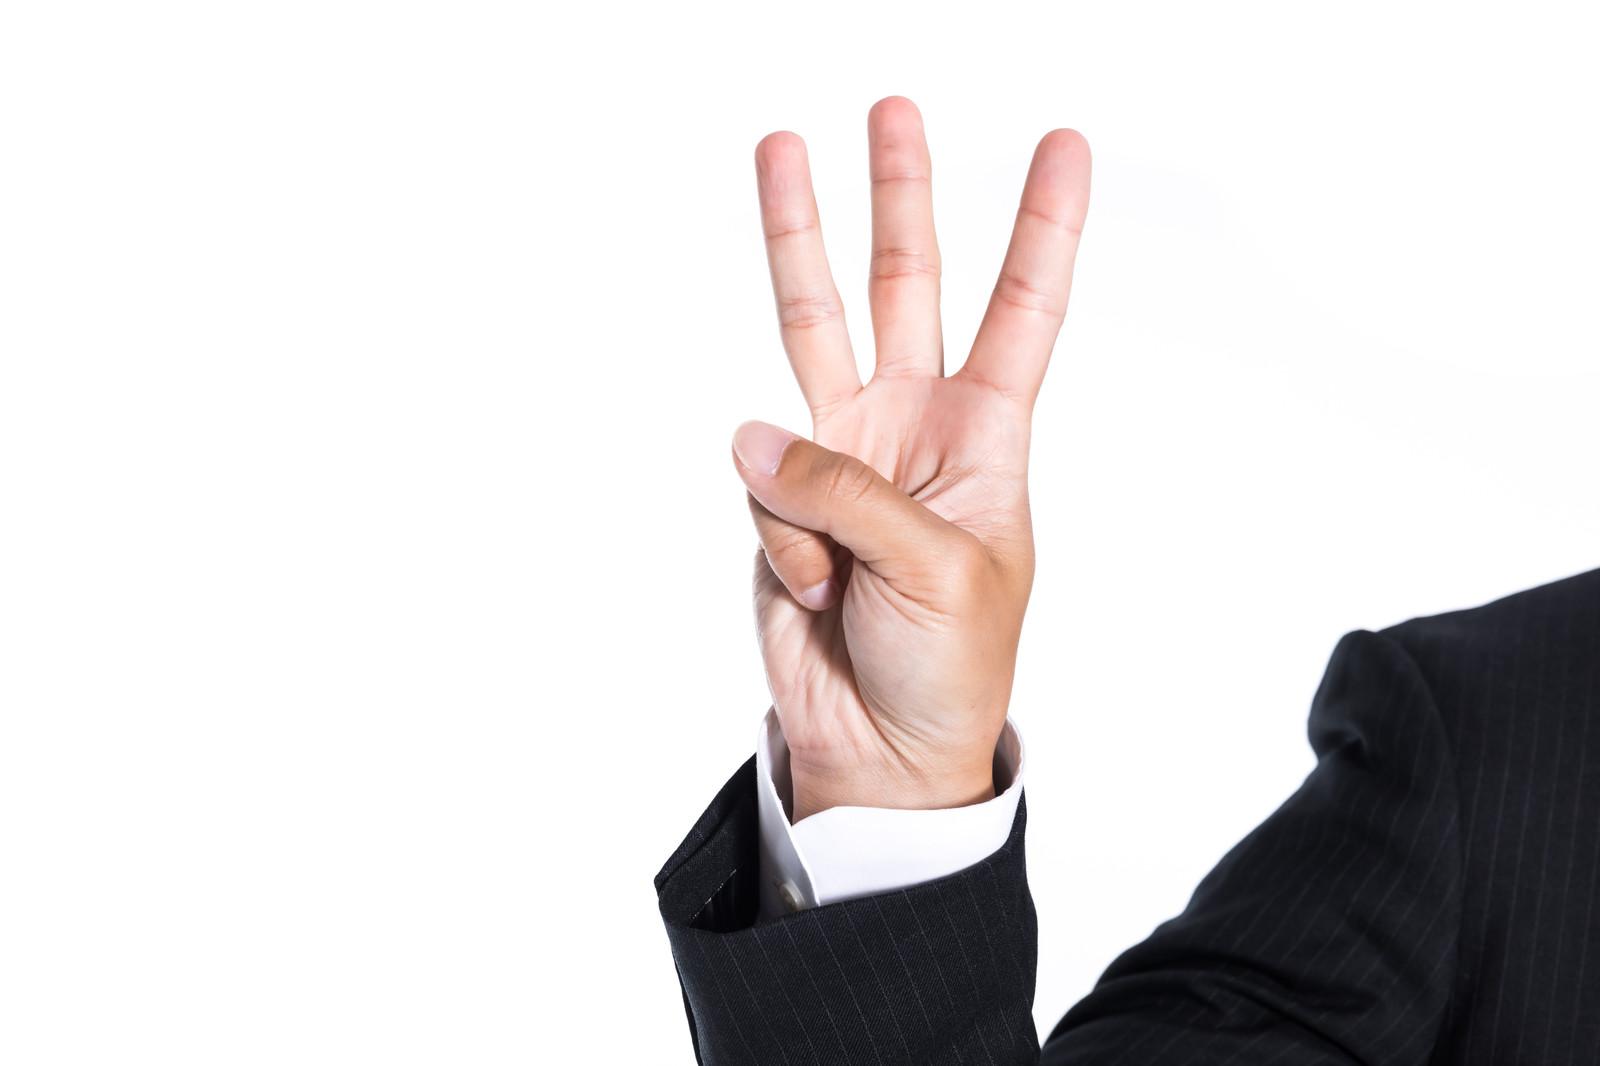 夜職を辞める際に起こりがちなトラブル3選